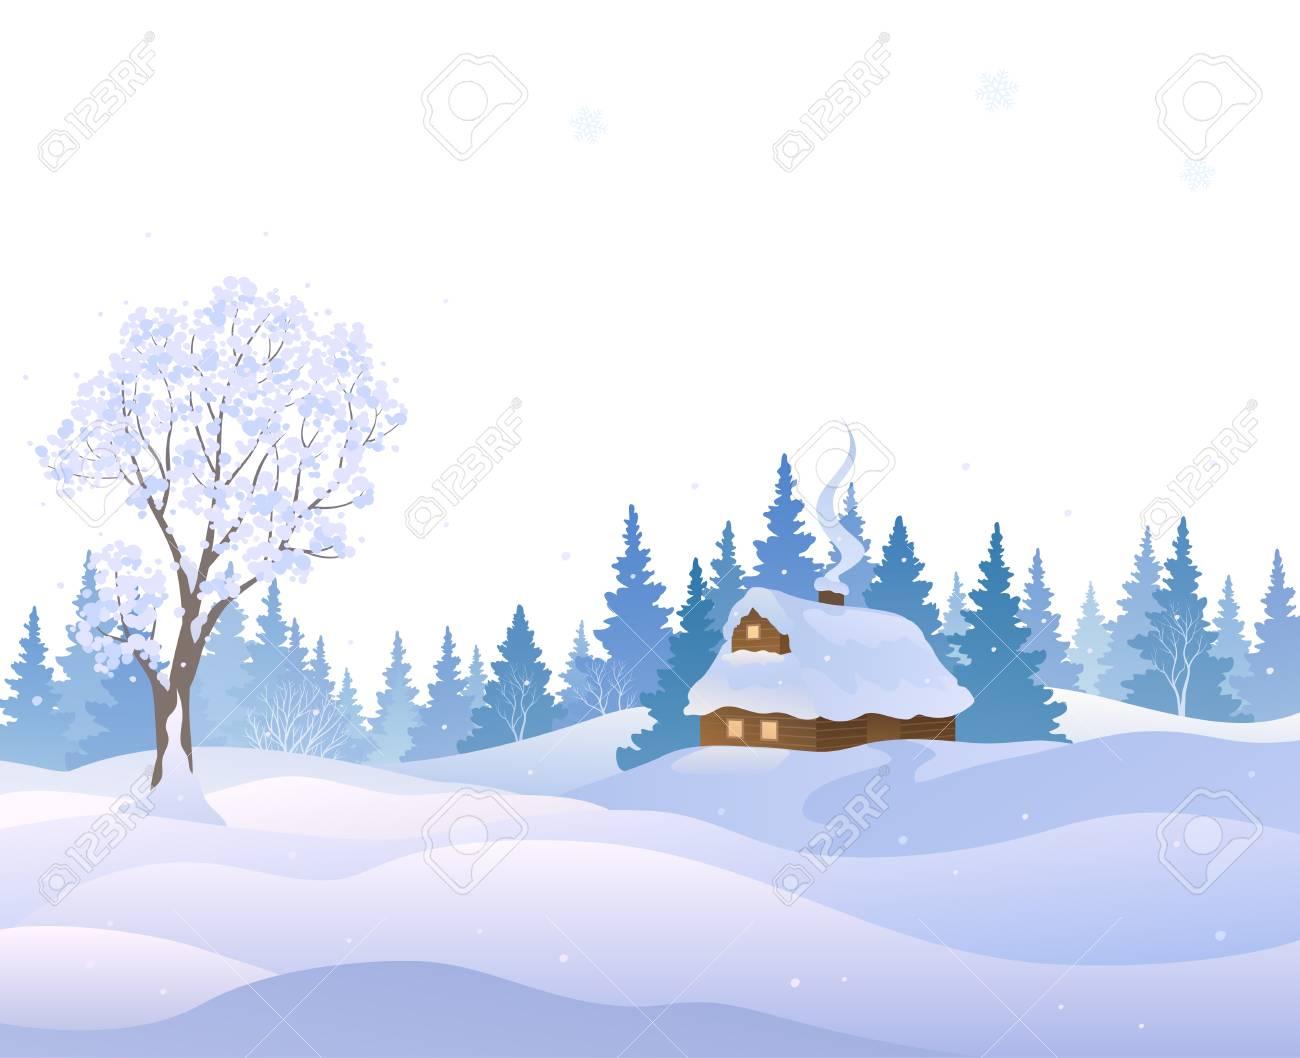 雪のある冬景色のベクトル イラスト カバー白い背景で隔離の家の